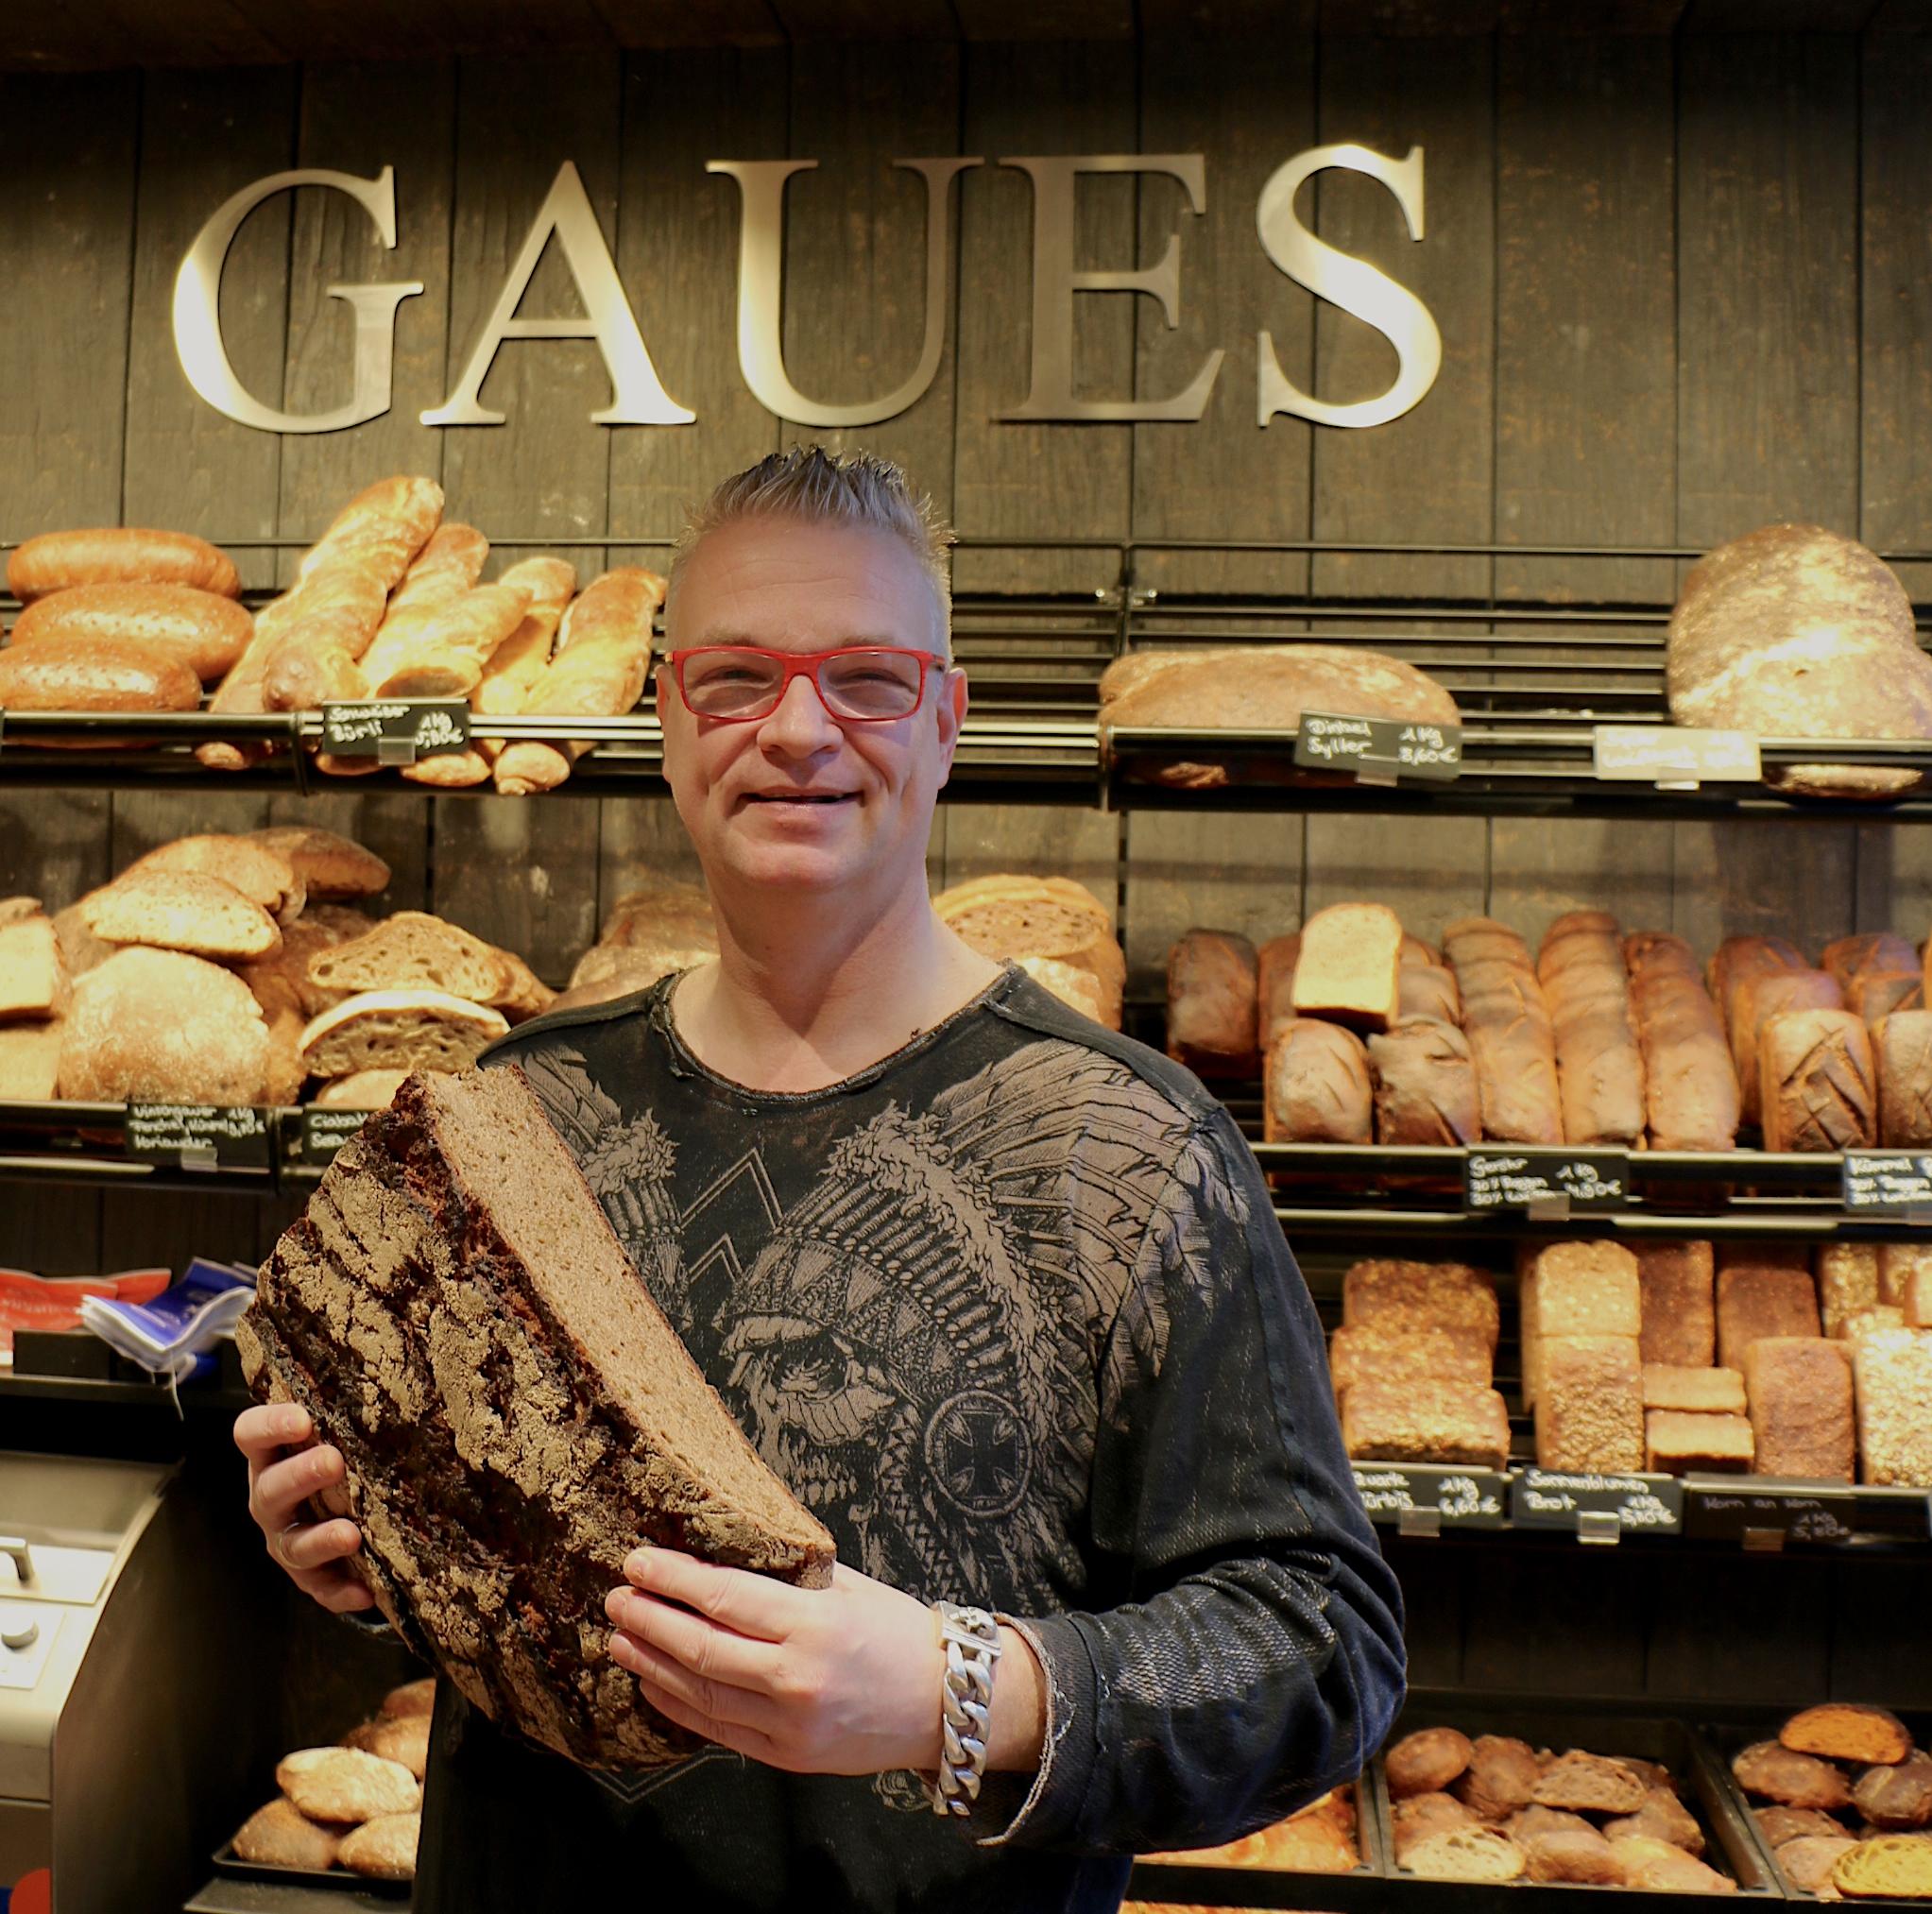 Jochens Gaues, der Kultbäcker